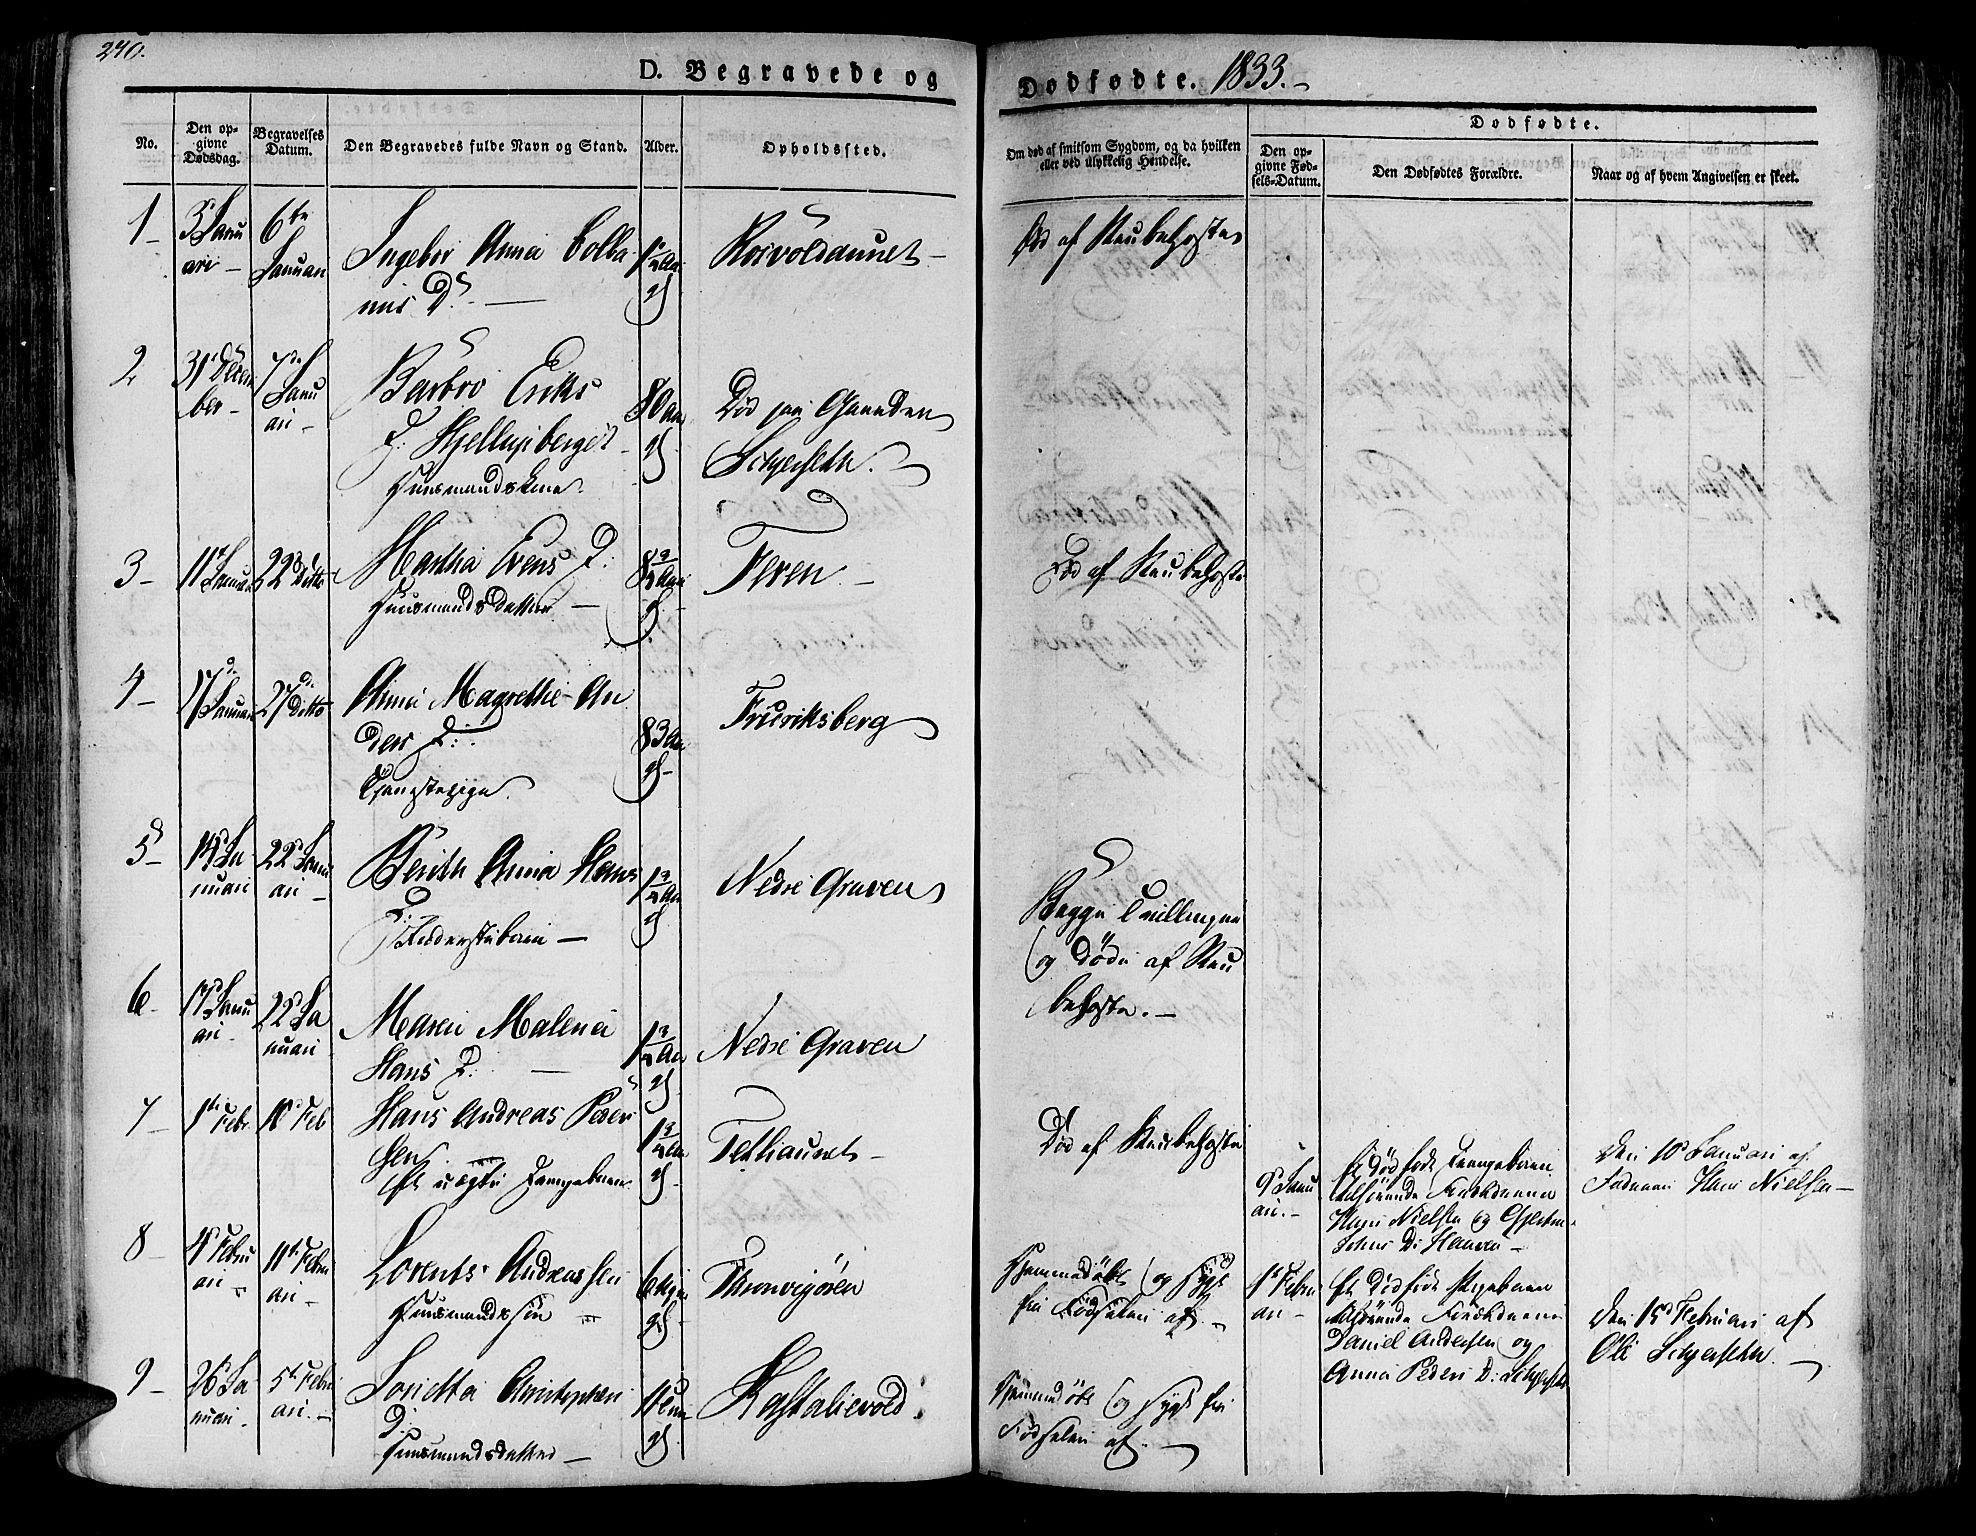 SAT, Ministerialprotokoller, klokkerbøker og fødselsregistre - Nord-Trøndelag, 701/L0006: Ministerialbok nr. 701A06, 1825-1841, s. 271